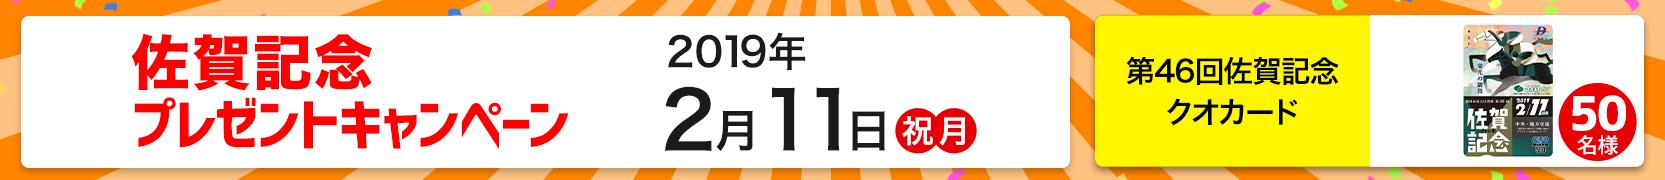 佐賀記念プレゼントキャンペーン